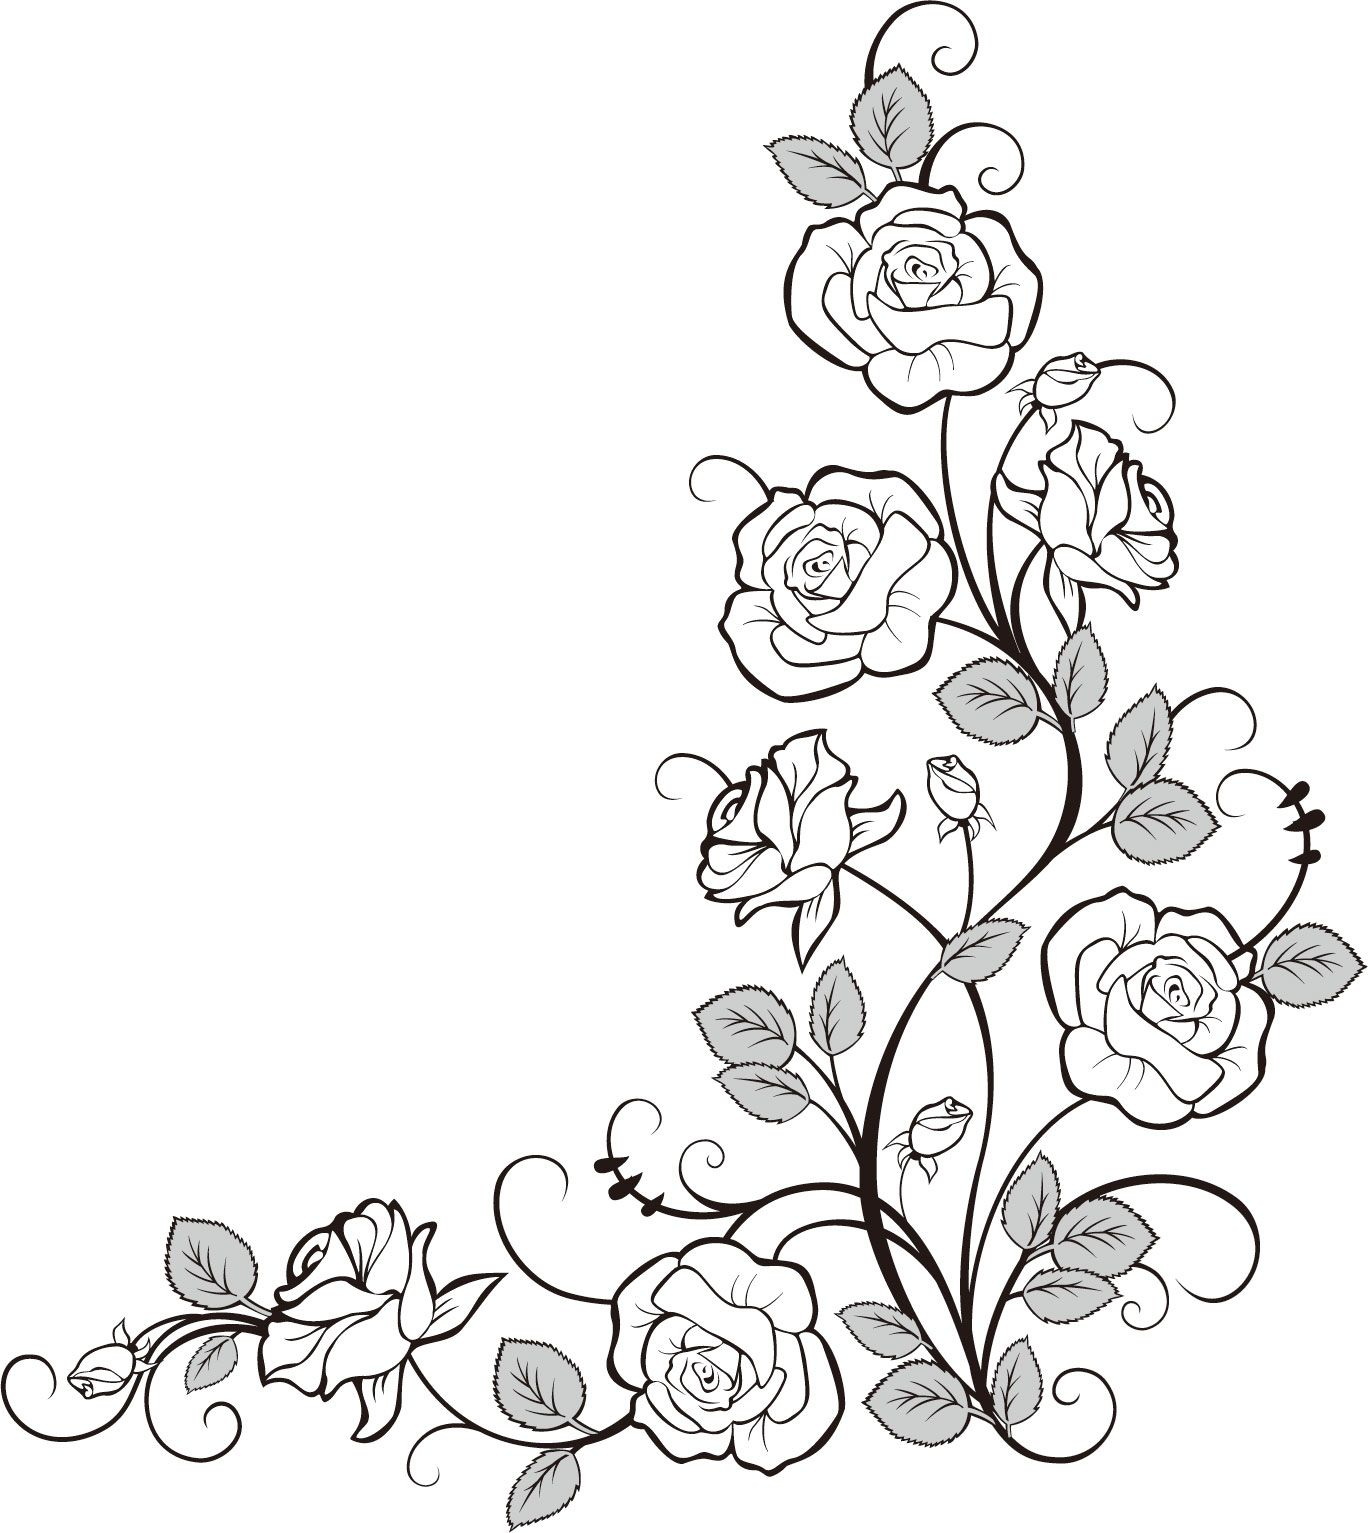 画像サンプル バラの装飾素材・コーナー用 Patterns Motifs Ornaments 1